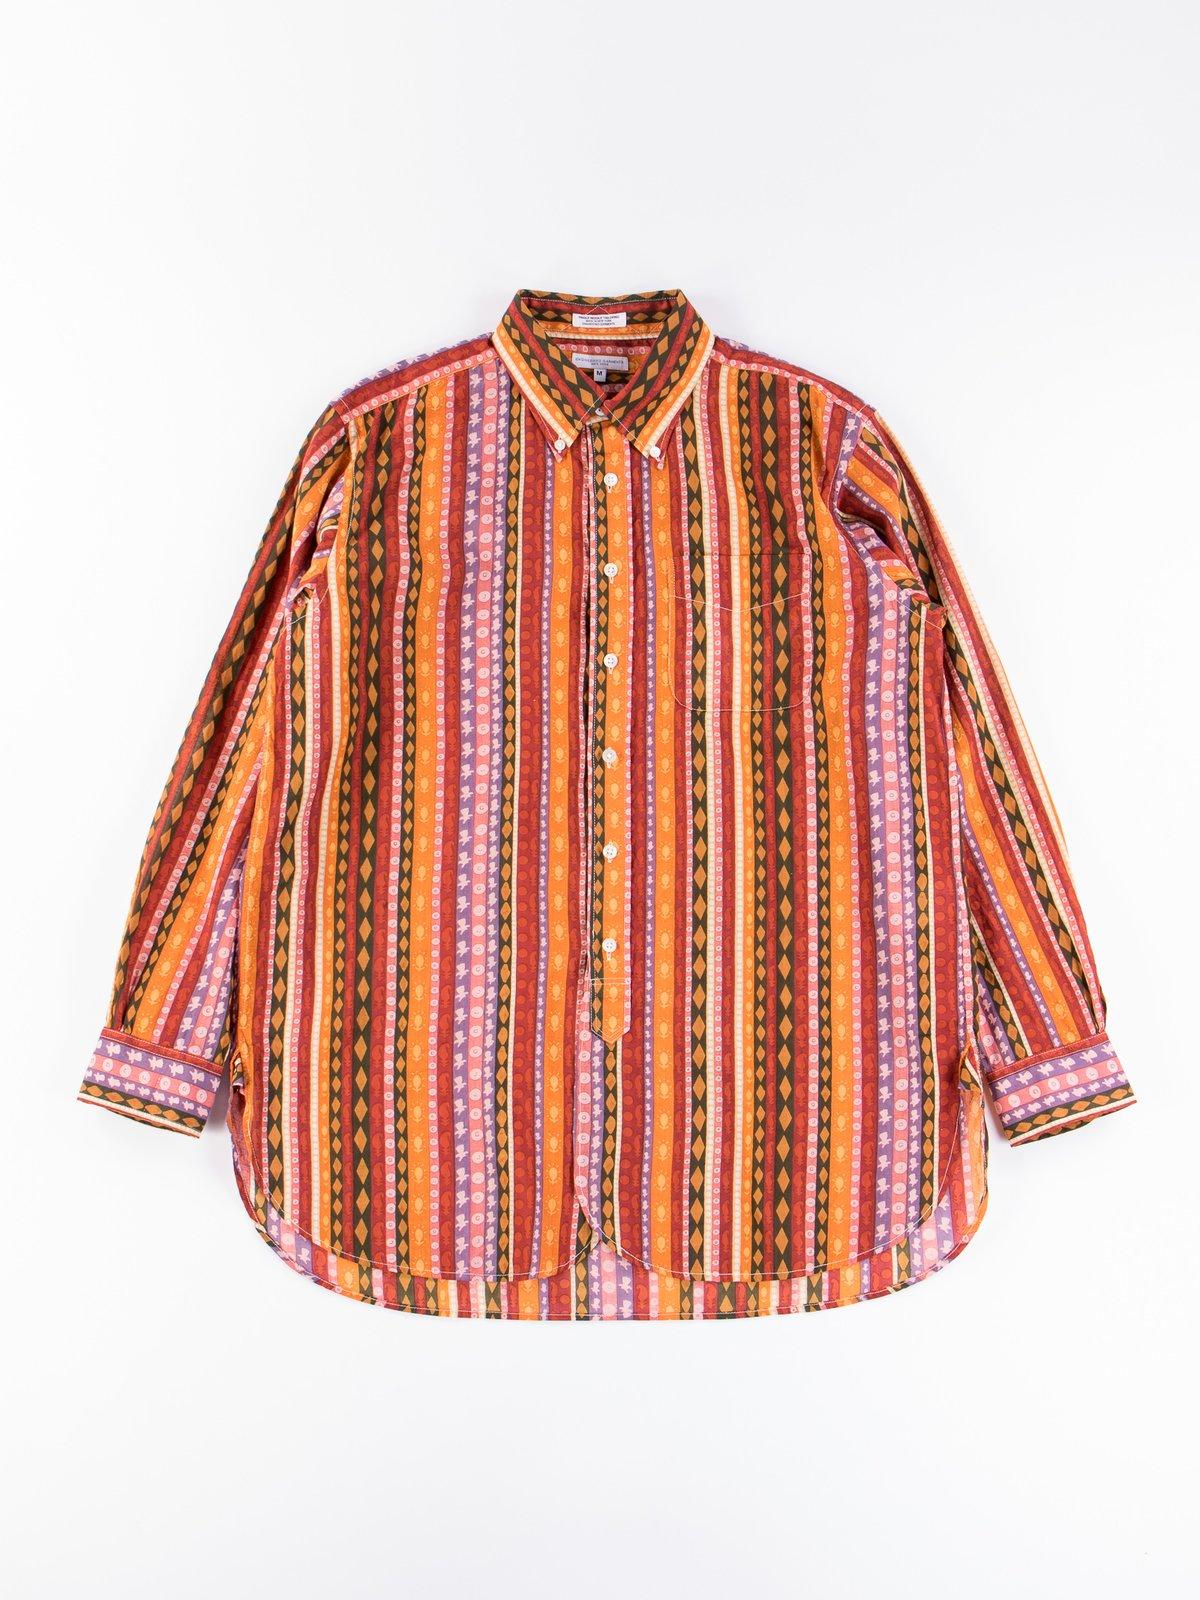 Orange Cotton Lawn Batik Stripe 19th Century BD Shirt - Image 1